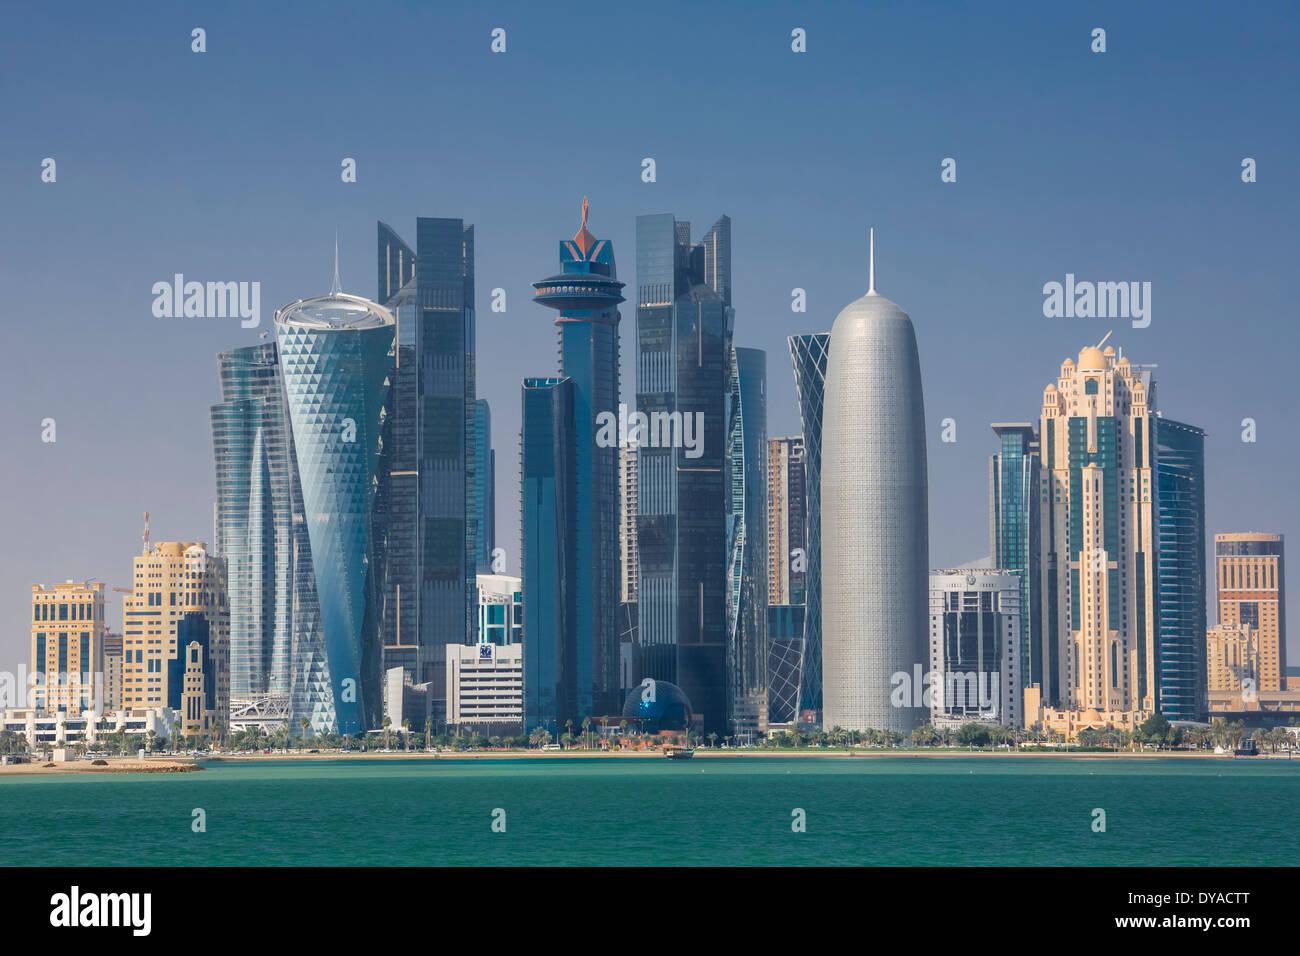 Doha, Qatar, Medio Oriente, architettura, Bay City, colorato, corniche, futuristico, skyline, turistica, viaggi, West Bay, Immagini Stock